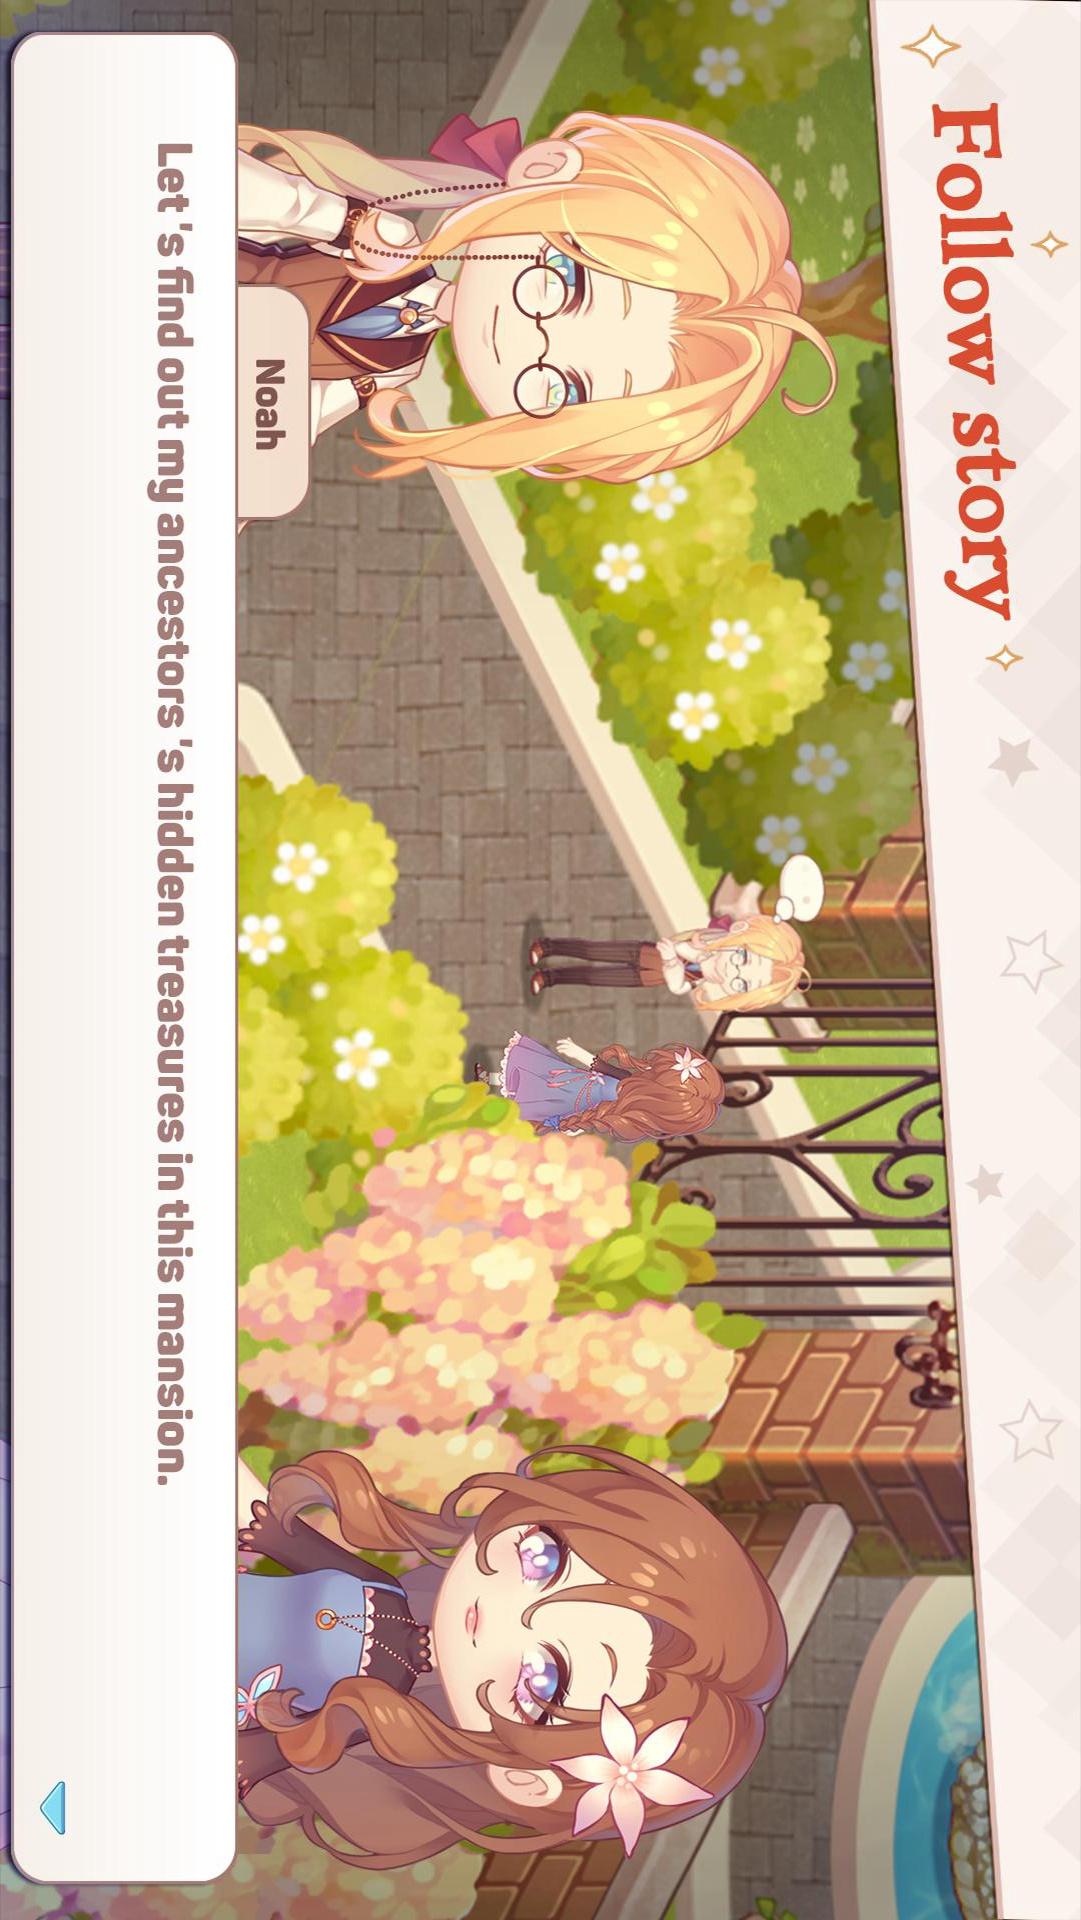 可爱豪宅游戏截图